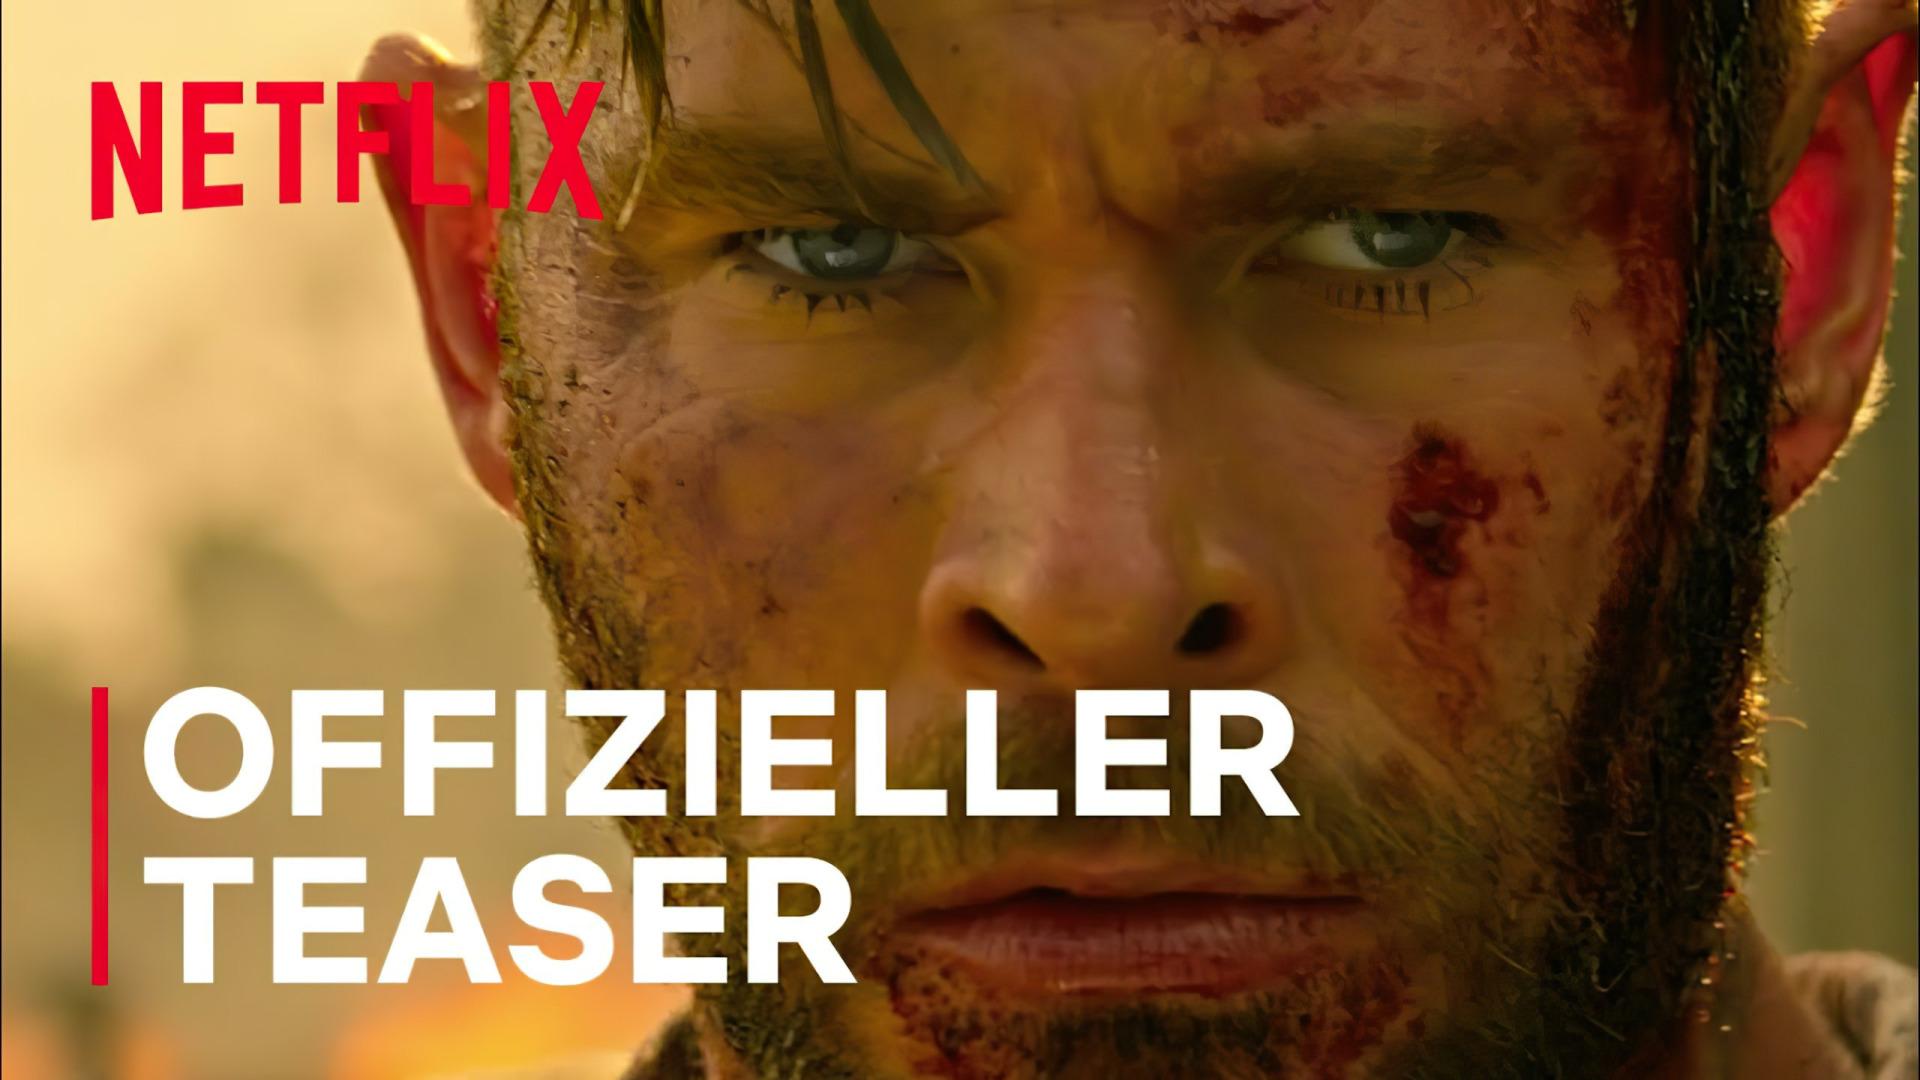 Tyler Rake Extraction 2: Netflix spendiert dem Action-Film ein Sequel